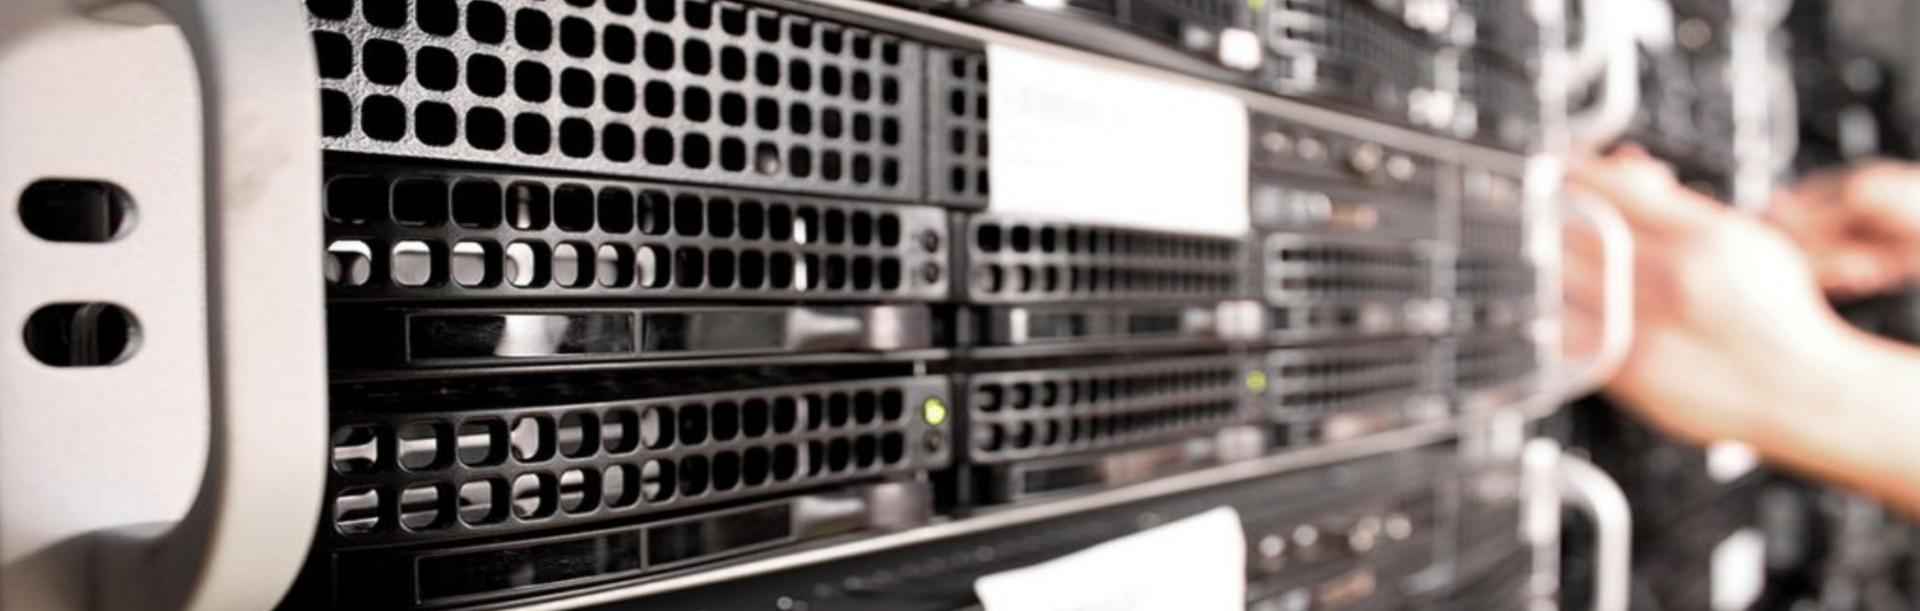 IT-Dienstleistungen von xPlore-Solution